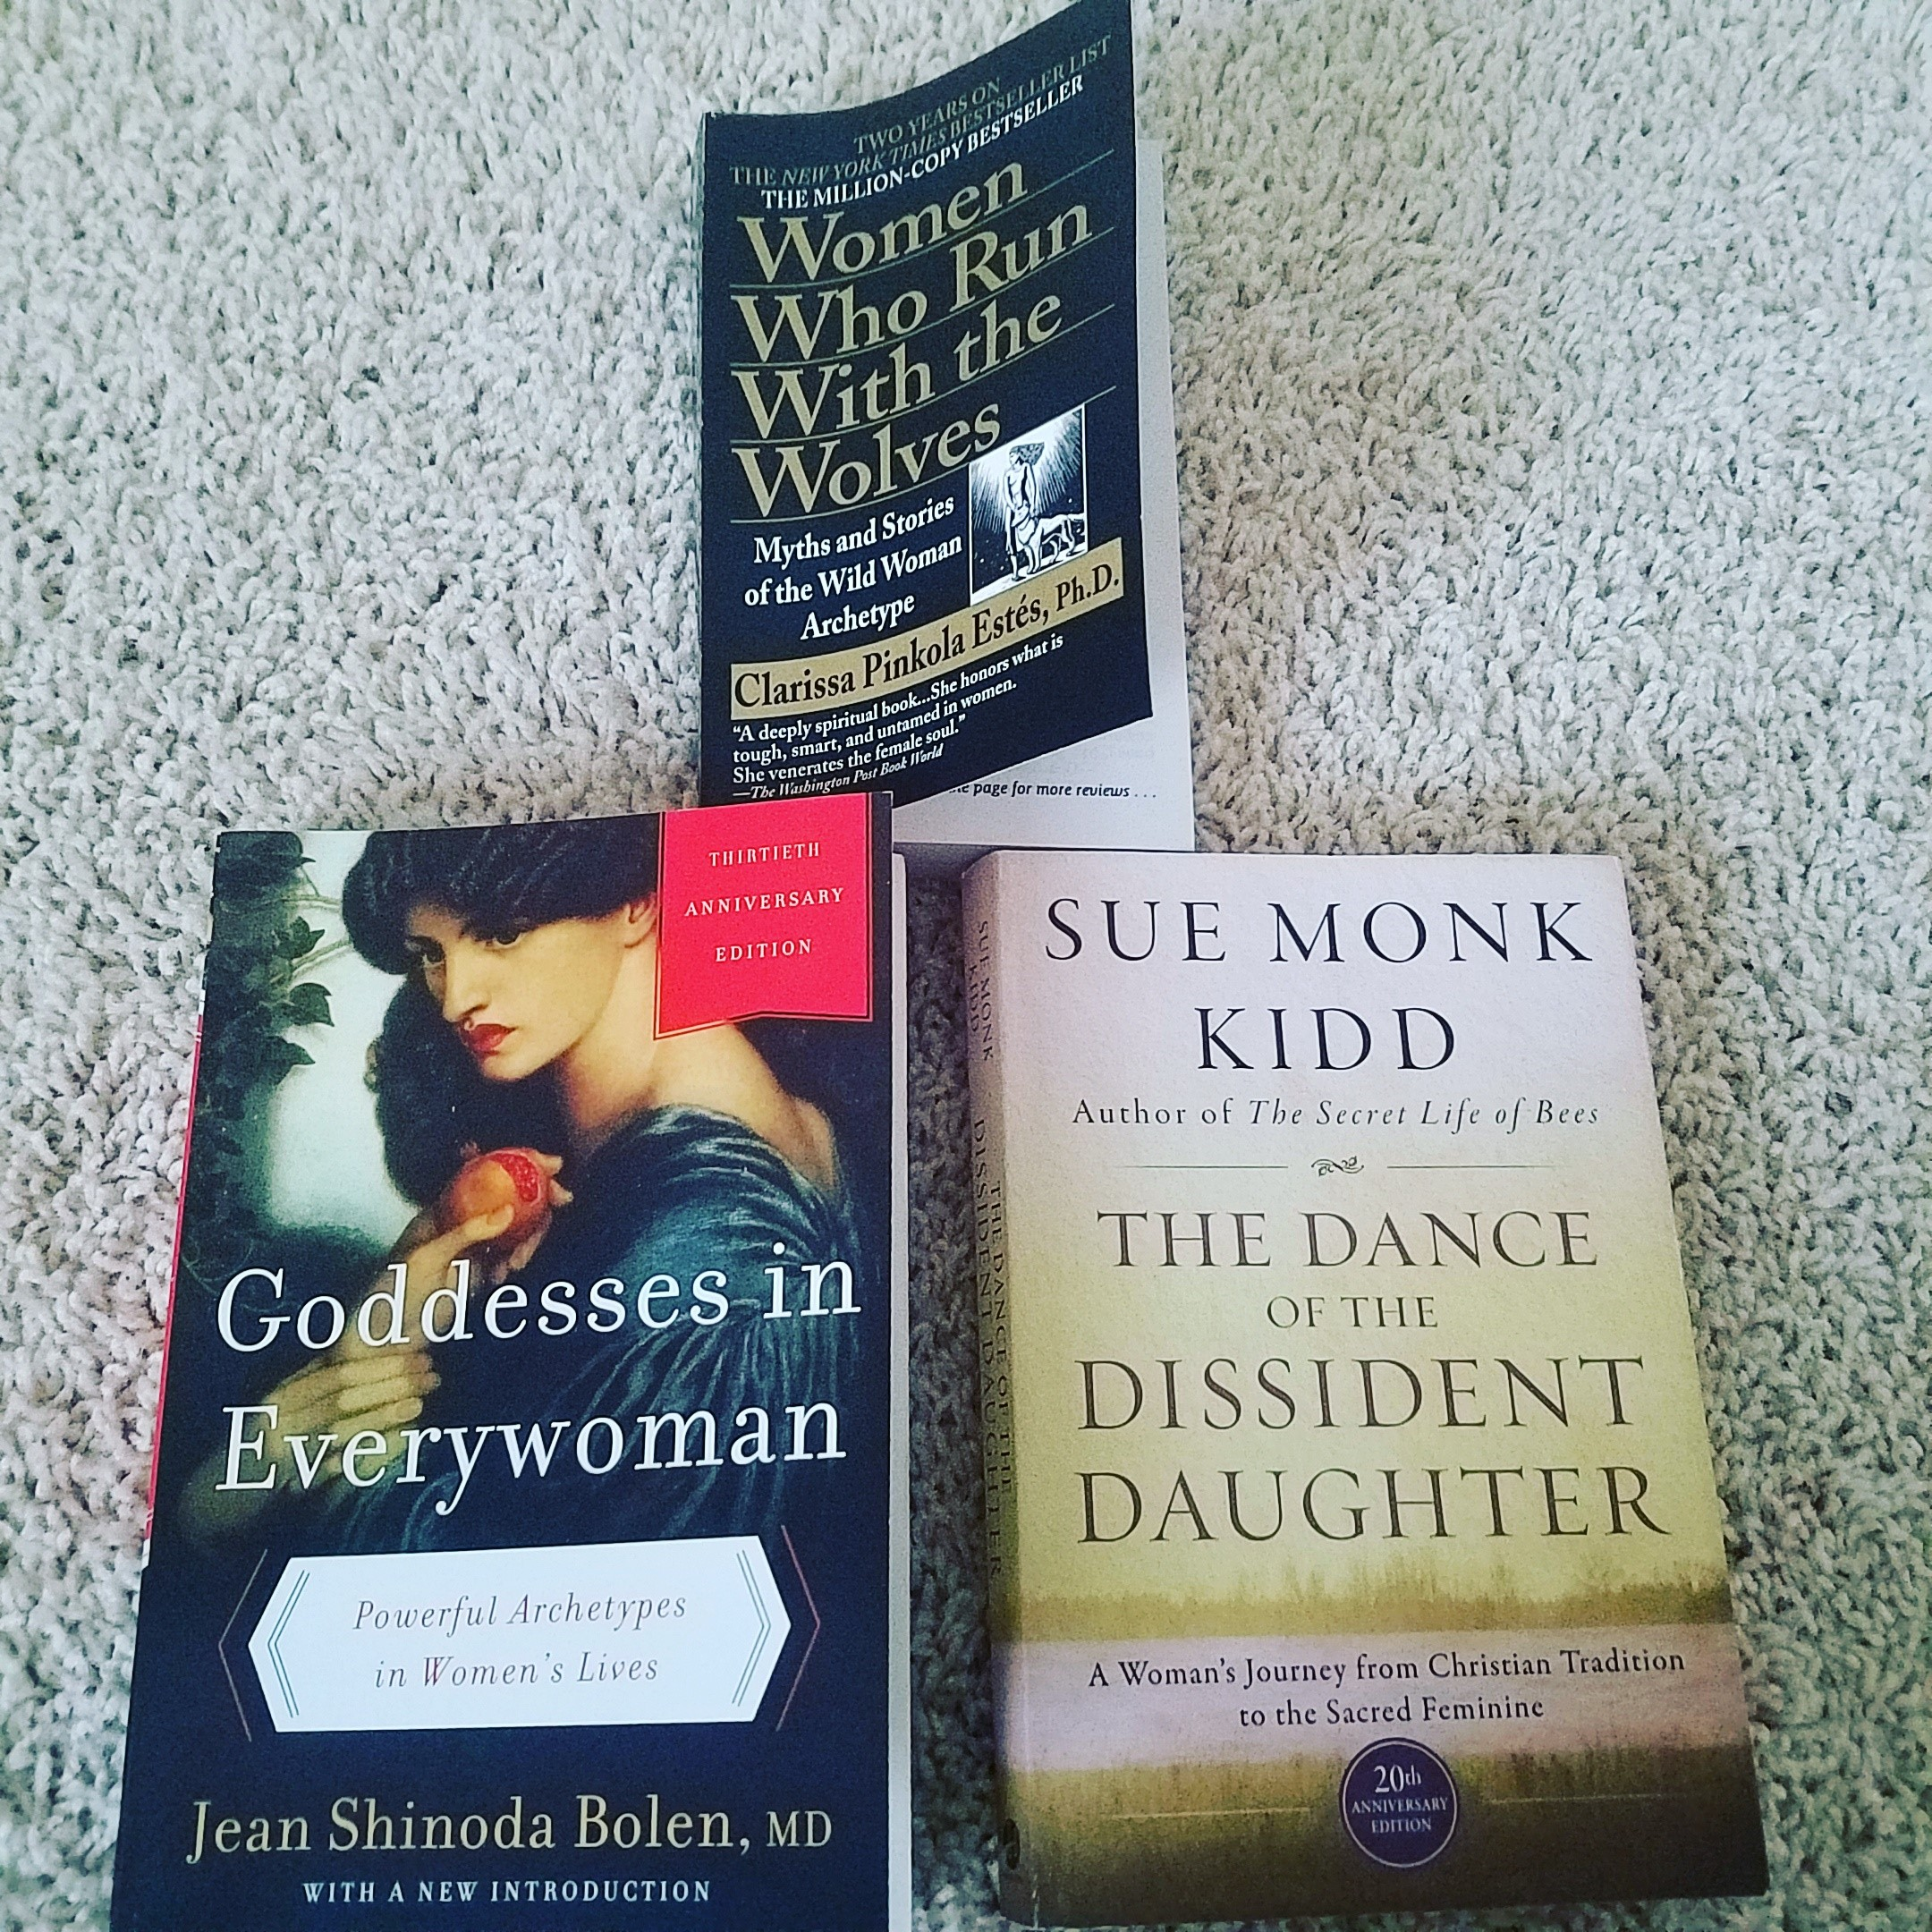 goddess books.jpg